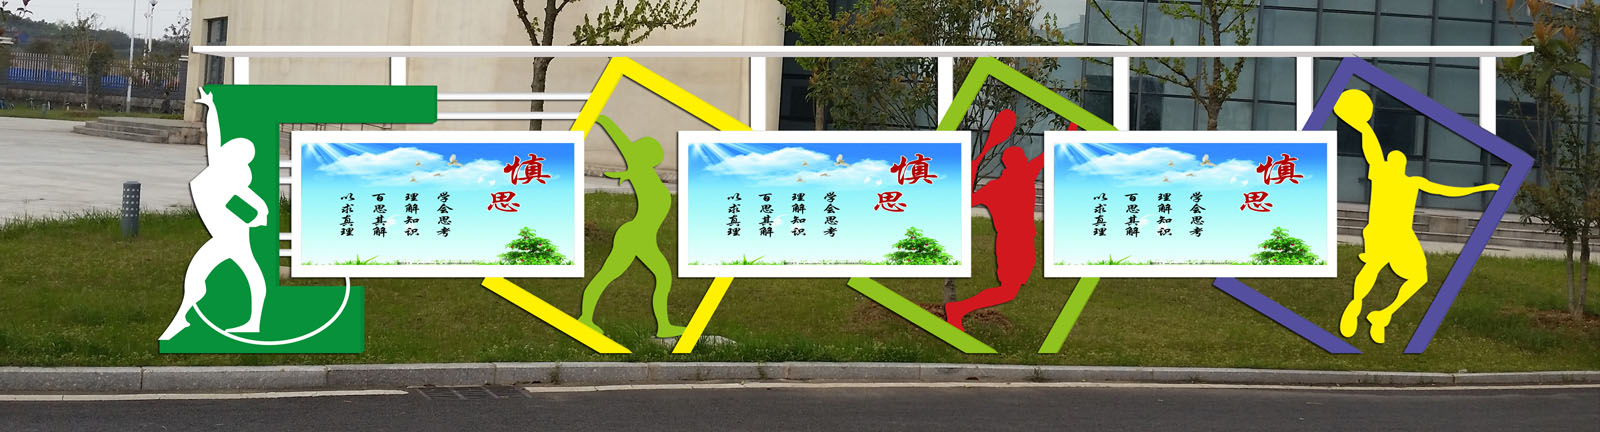 攀枝花公交候车亭